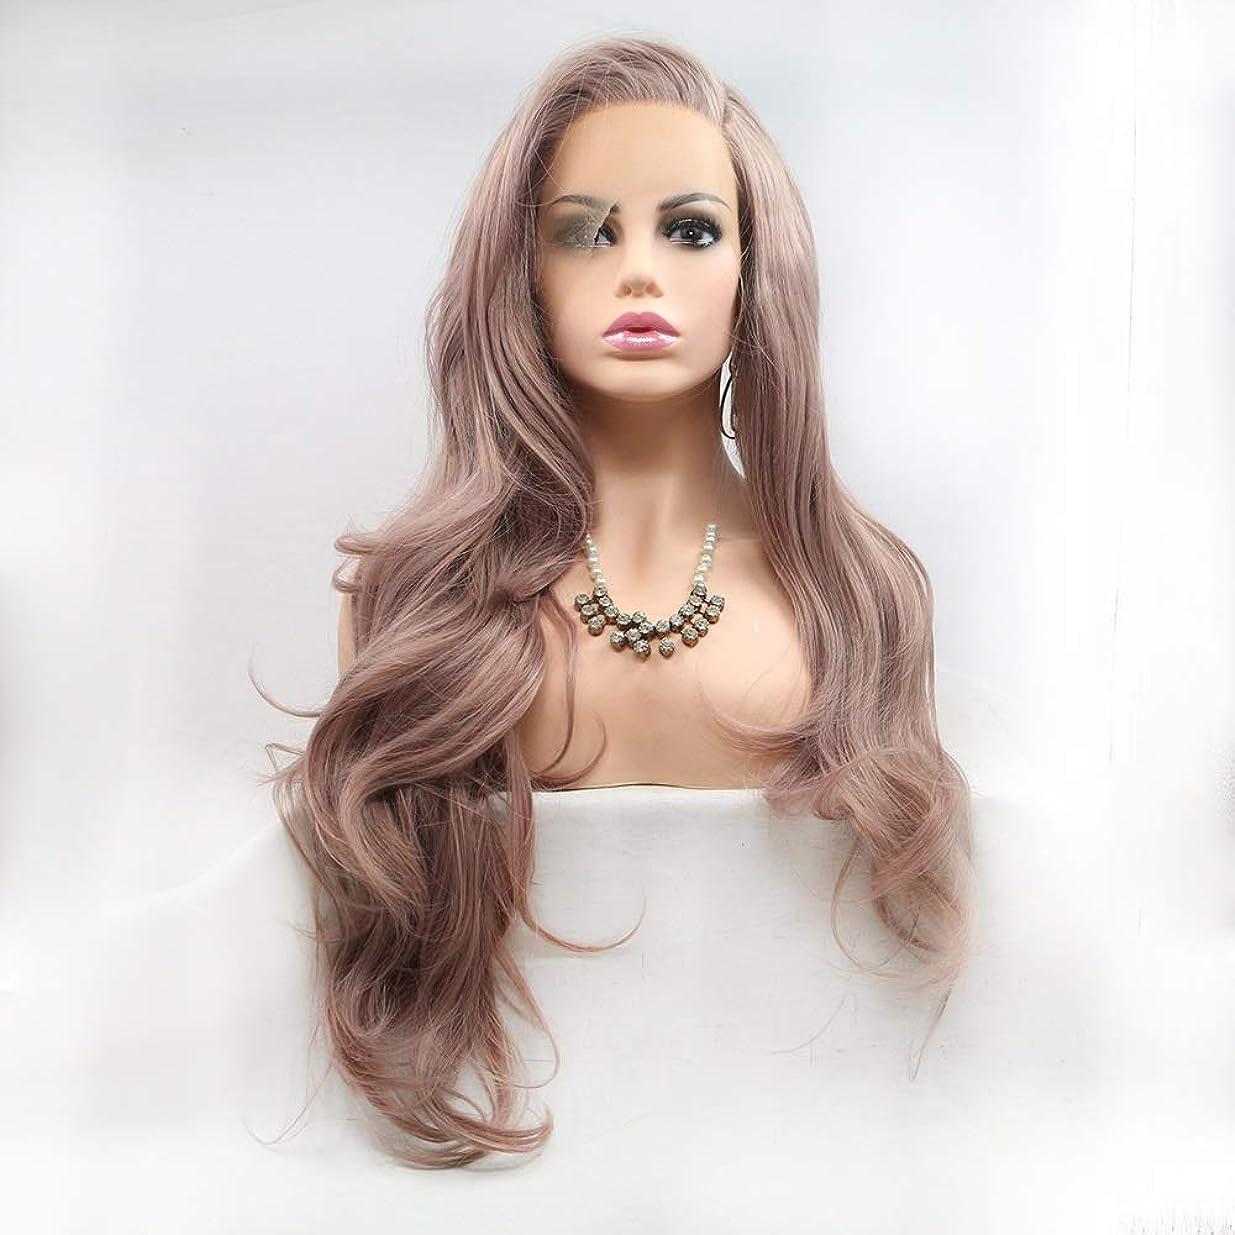 結論概要リスナーZXF 茶色の長い髪の巻き毛のかつらの女性の手作りのレースのヨーロッパとアメリカのかつらは、かつらのヘアセットに設定 美しい